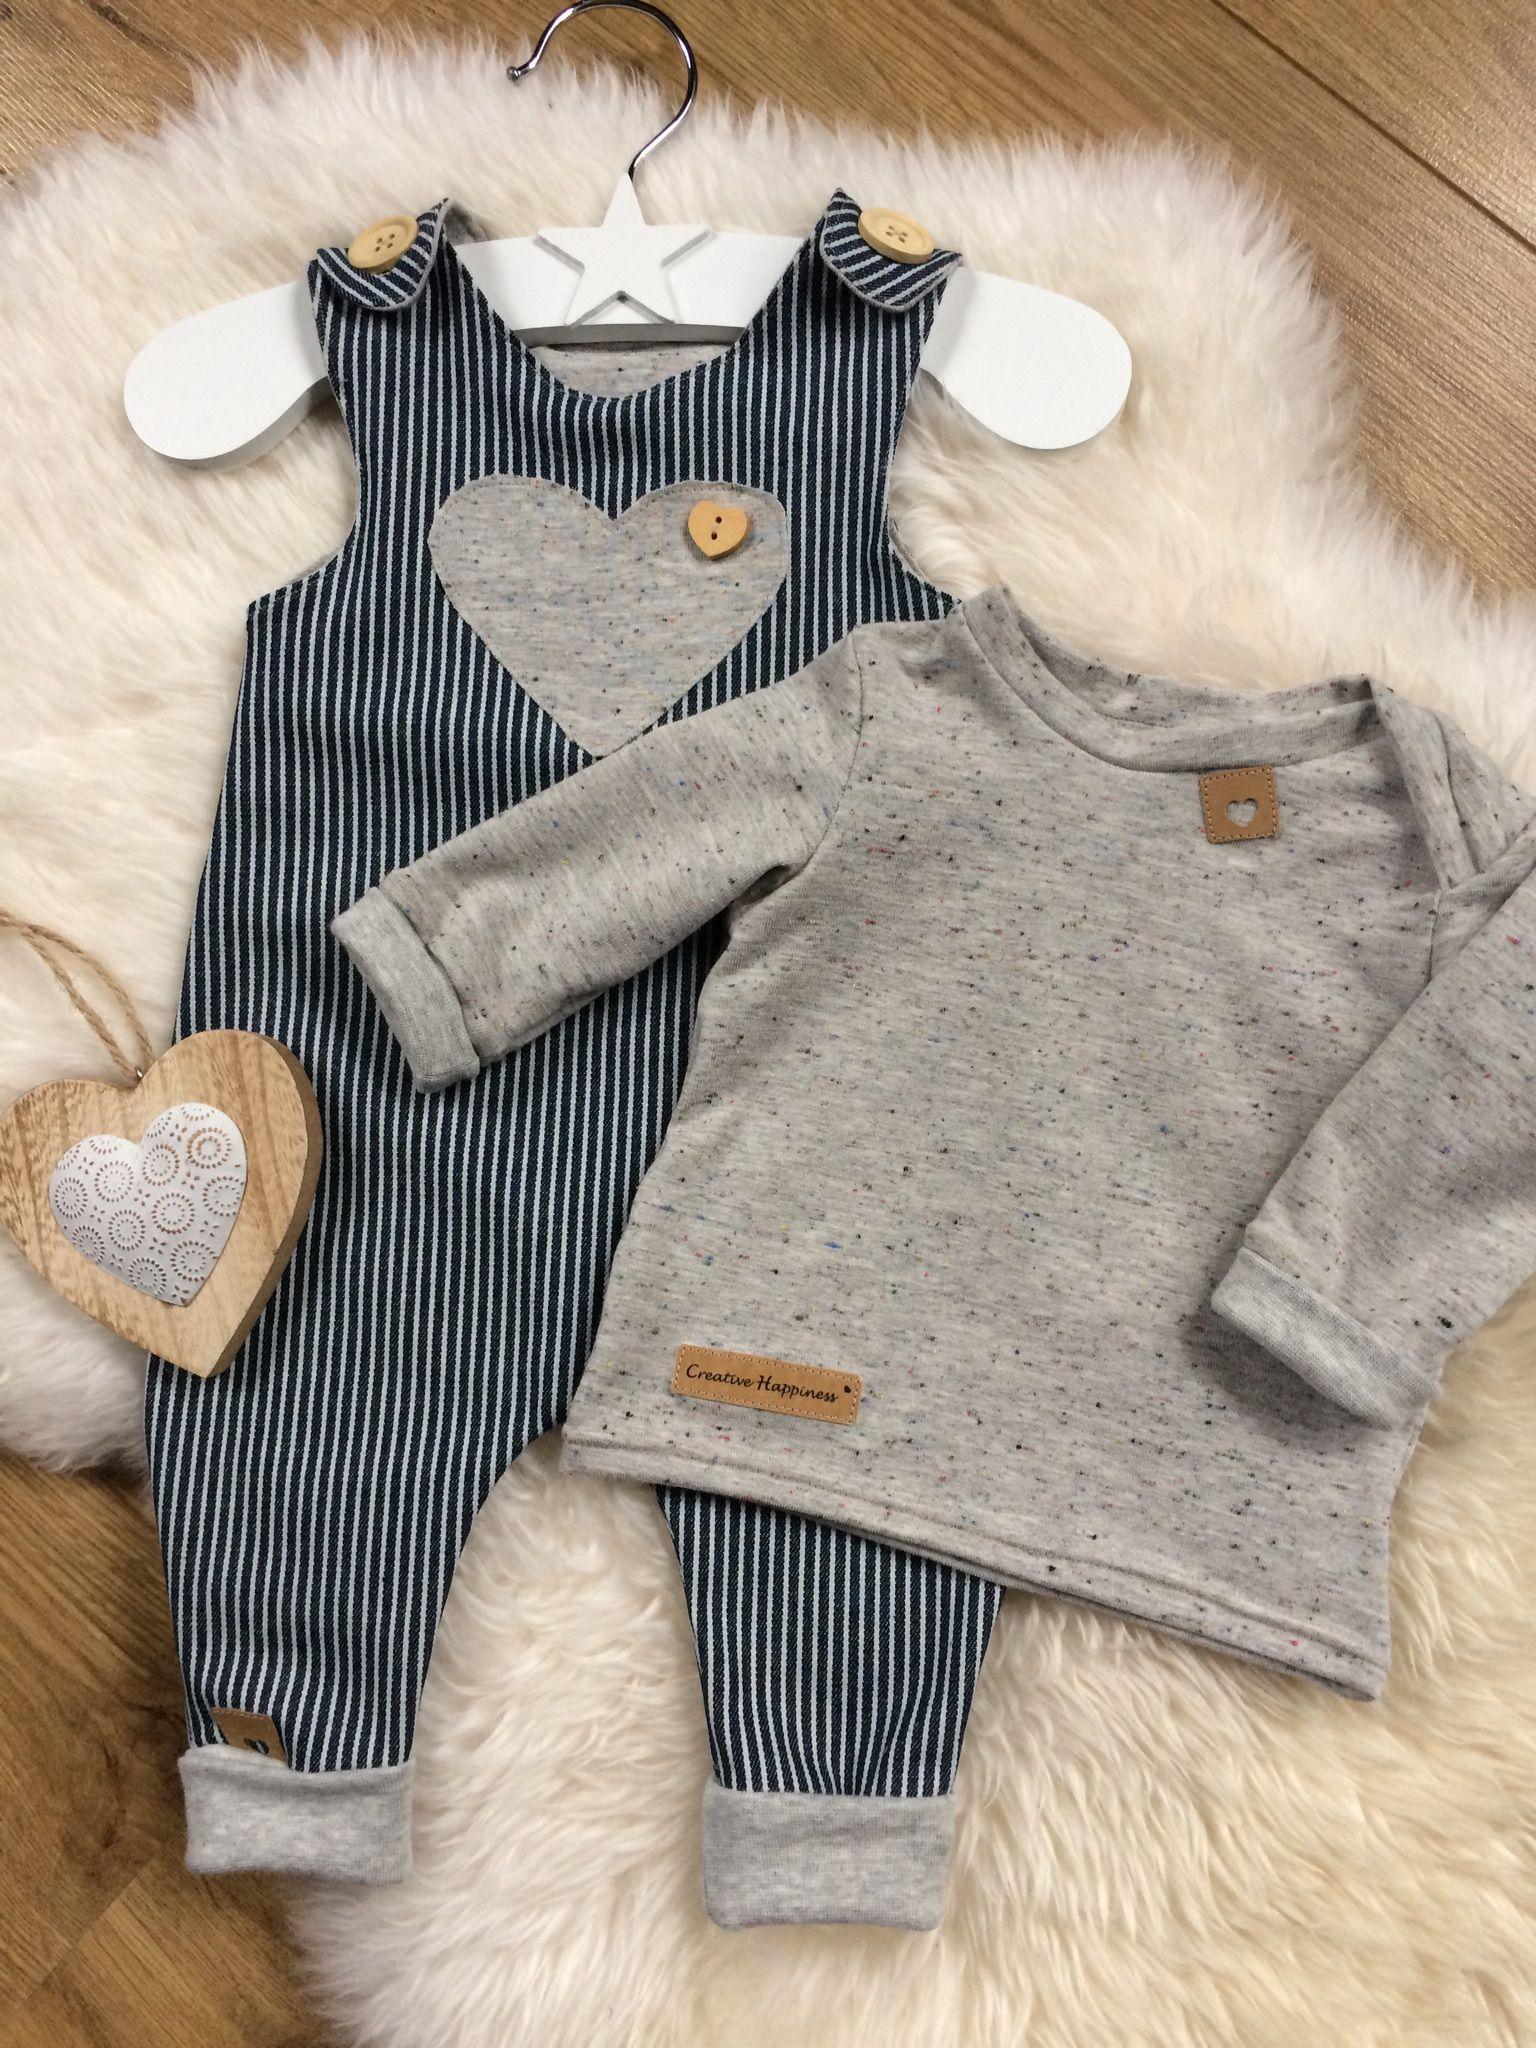 Strampler Oberteil Inspiration Herz Applikation Snap Pap Label Knöpfe Knopf Holz, Bündchen, nähen Baby #babykidclothesandideas